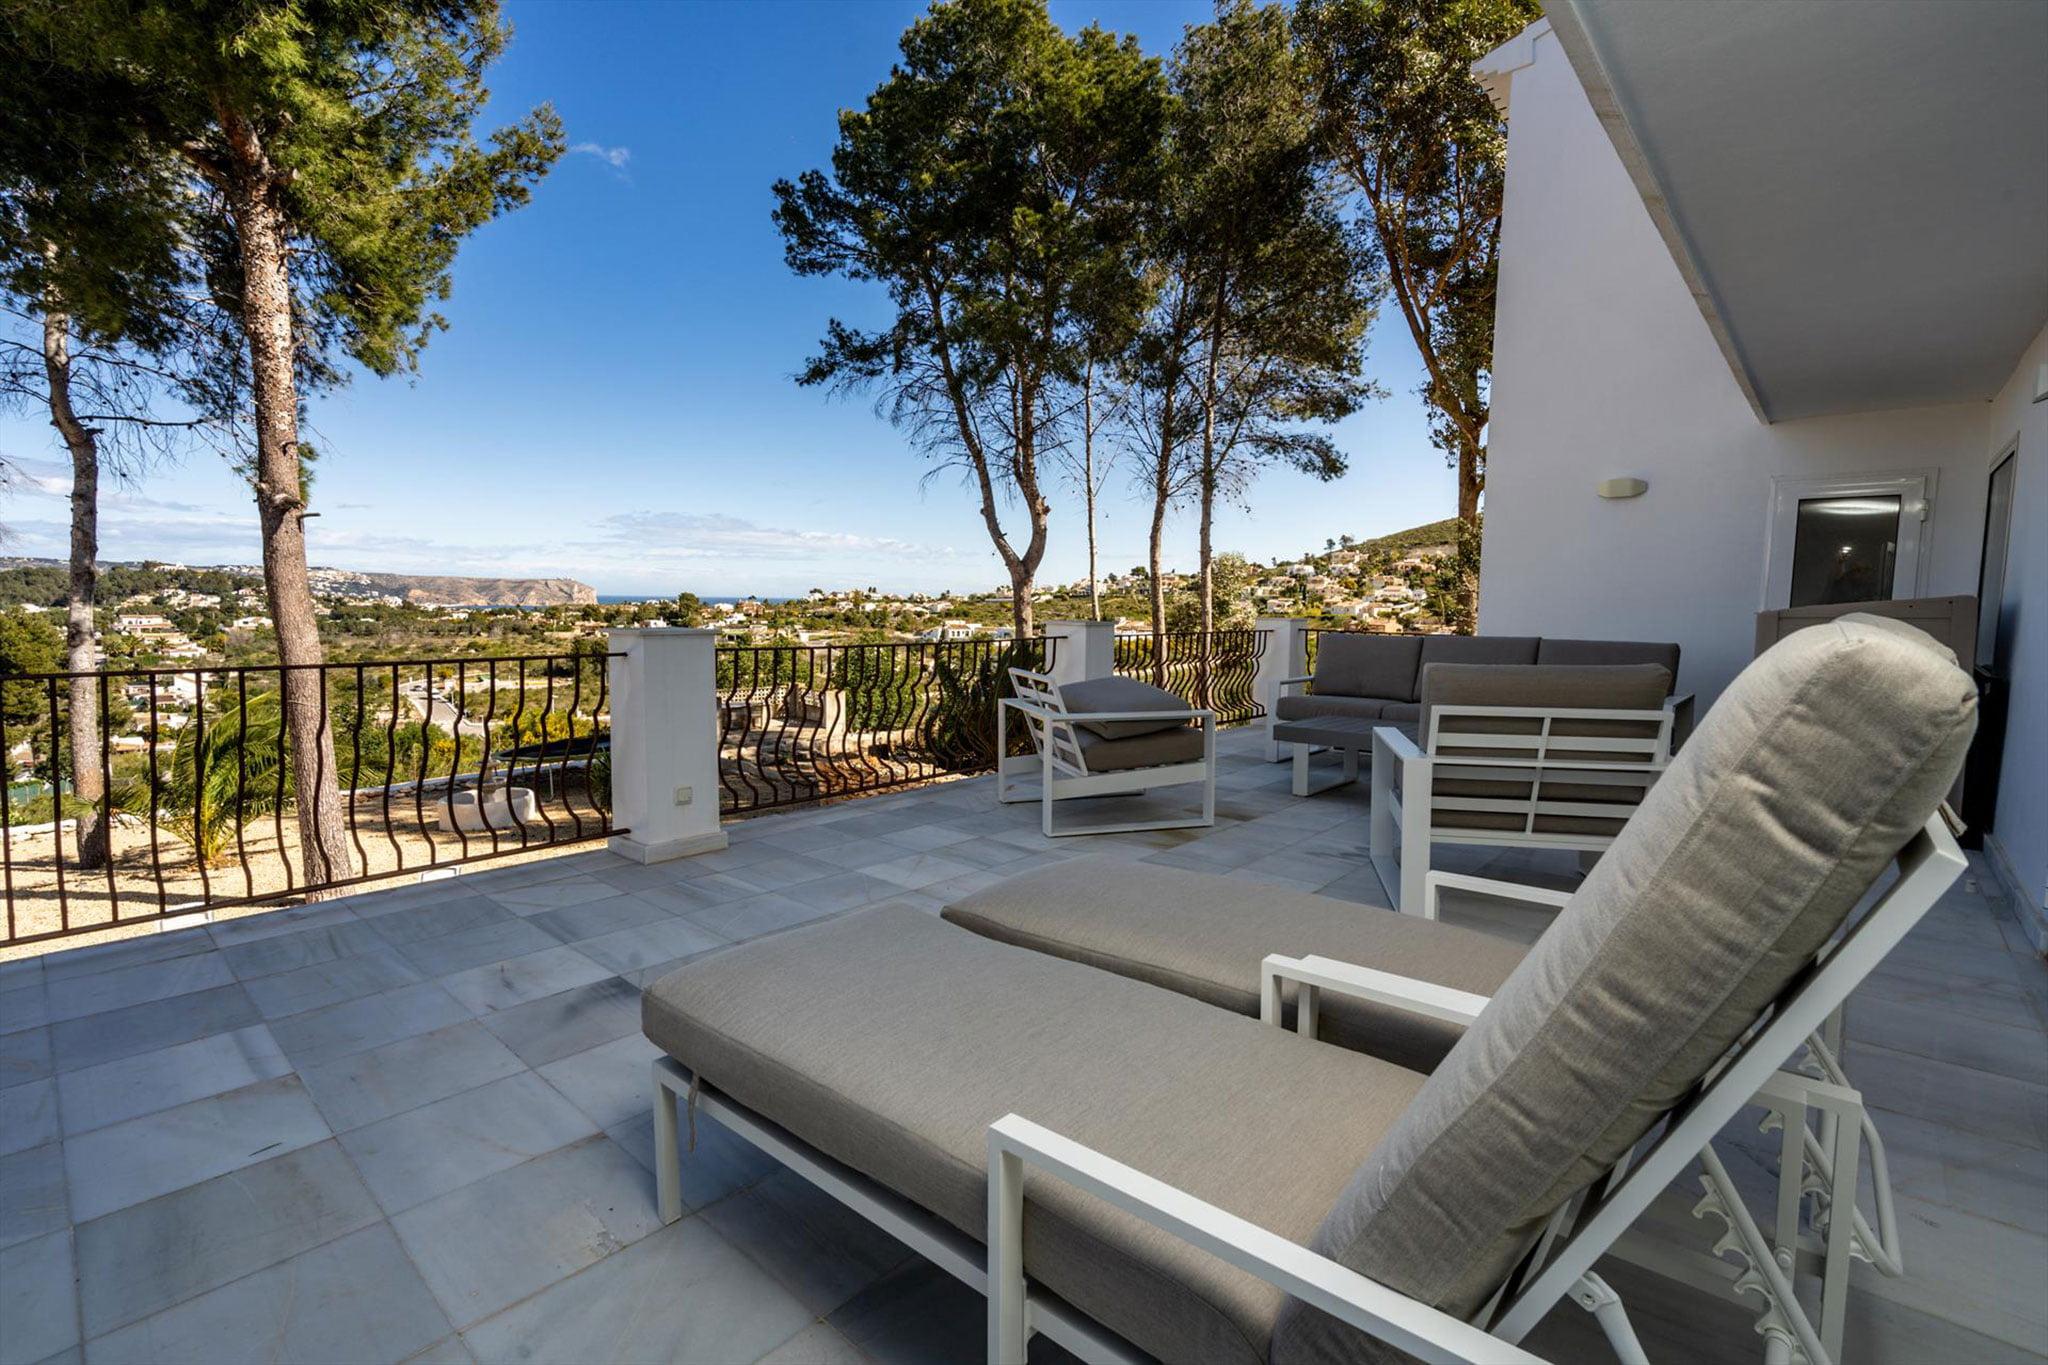 Vistas desde la terraza de una villa de alquiler vacacional en Jávea – Aguila Rent a Villa